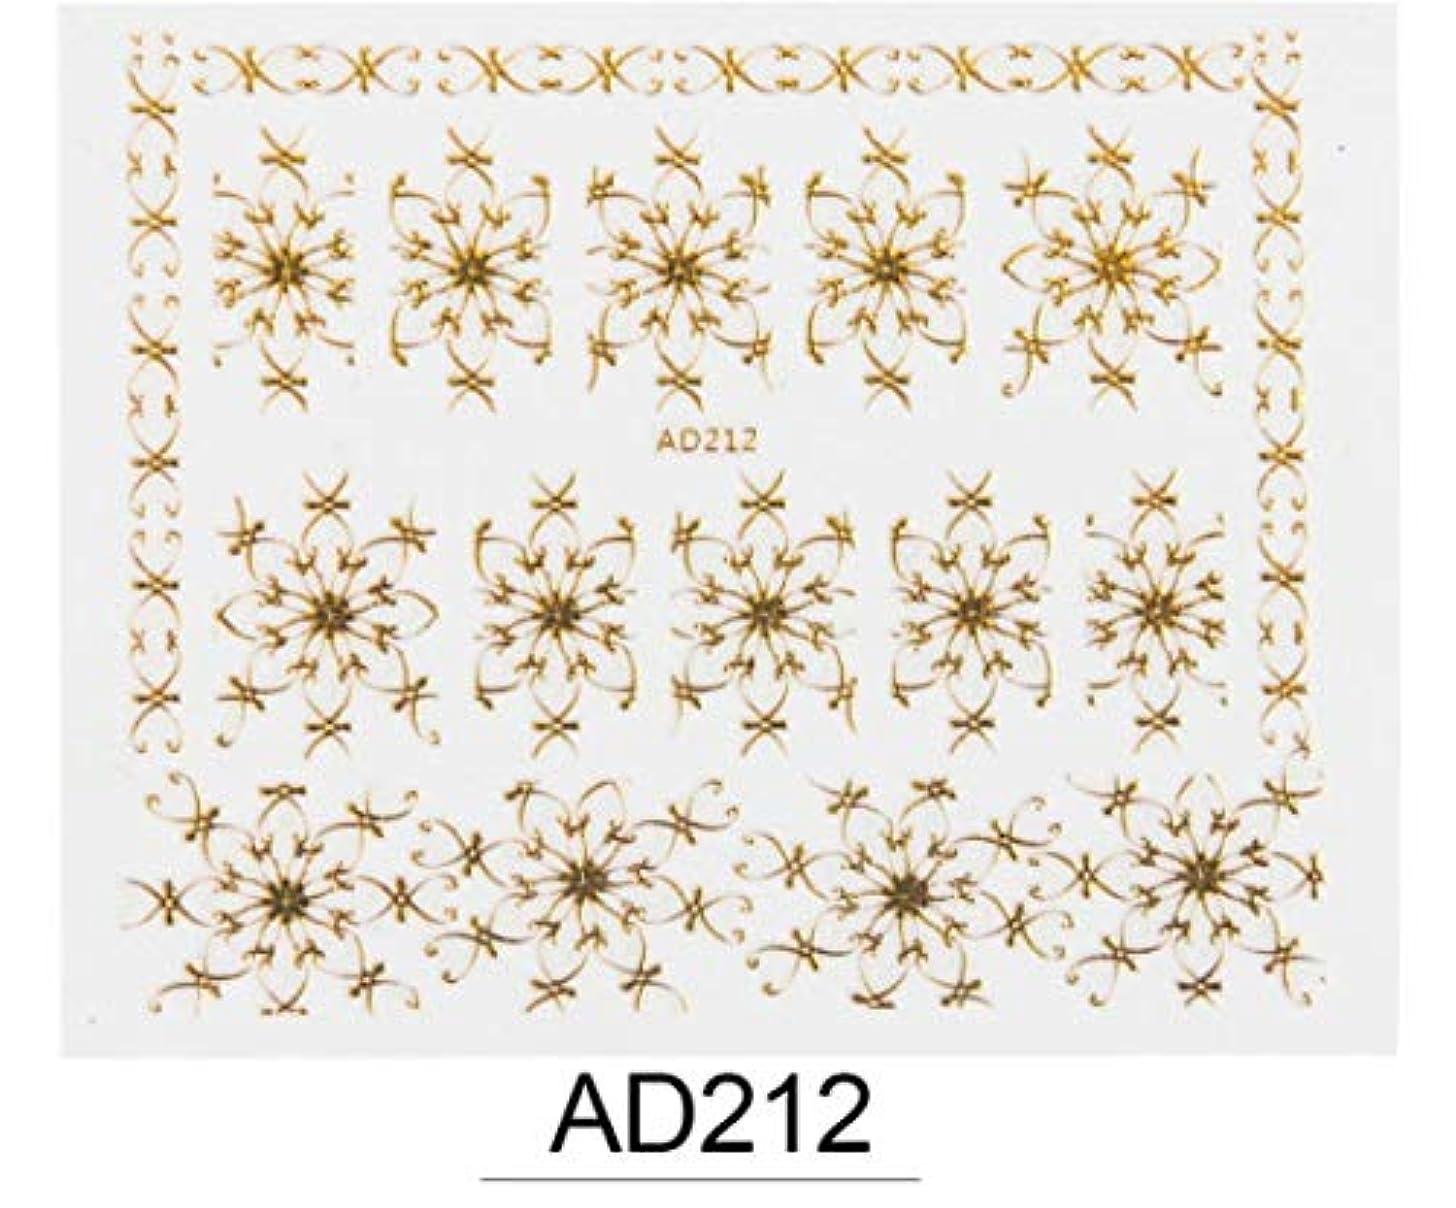 アルバニー圧縮経過SUKTI&XIAO ネイルステッカー 1ピース3dチャームゴールドネイルステッカーdiyメタリックフラワー混合彫刻デザインネイルアートデコレーションデカール、ad212